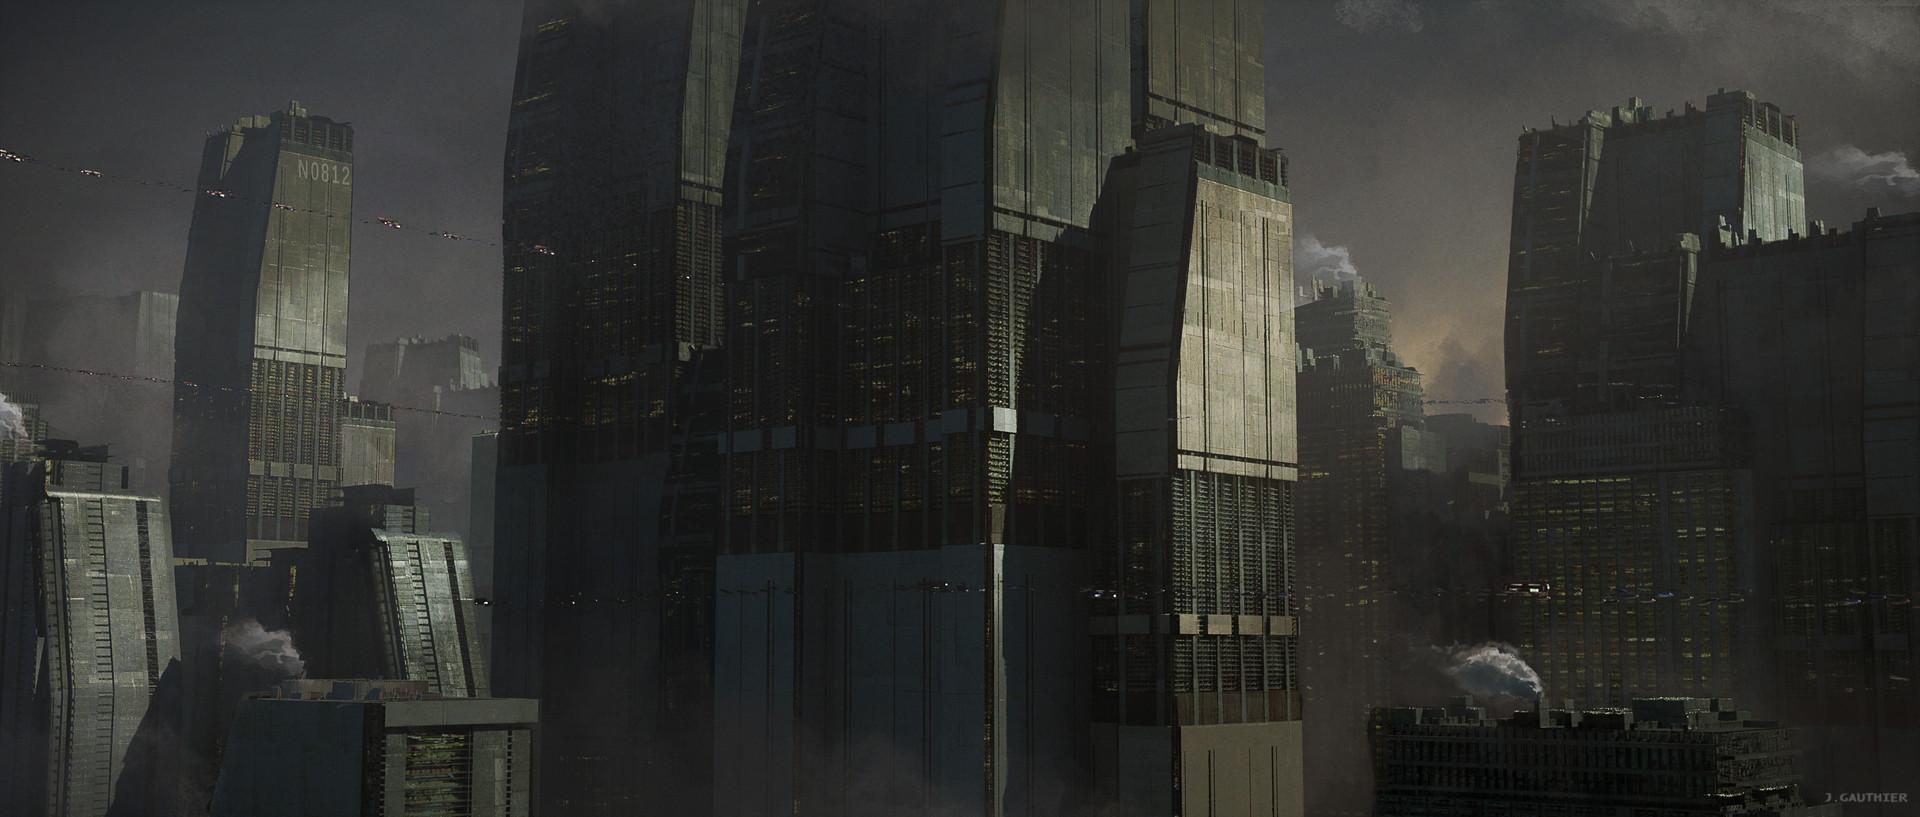 Julien gauthier scifi city 02